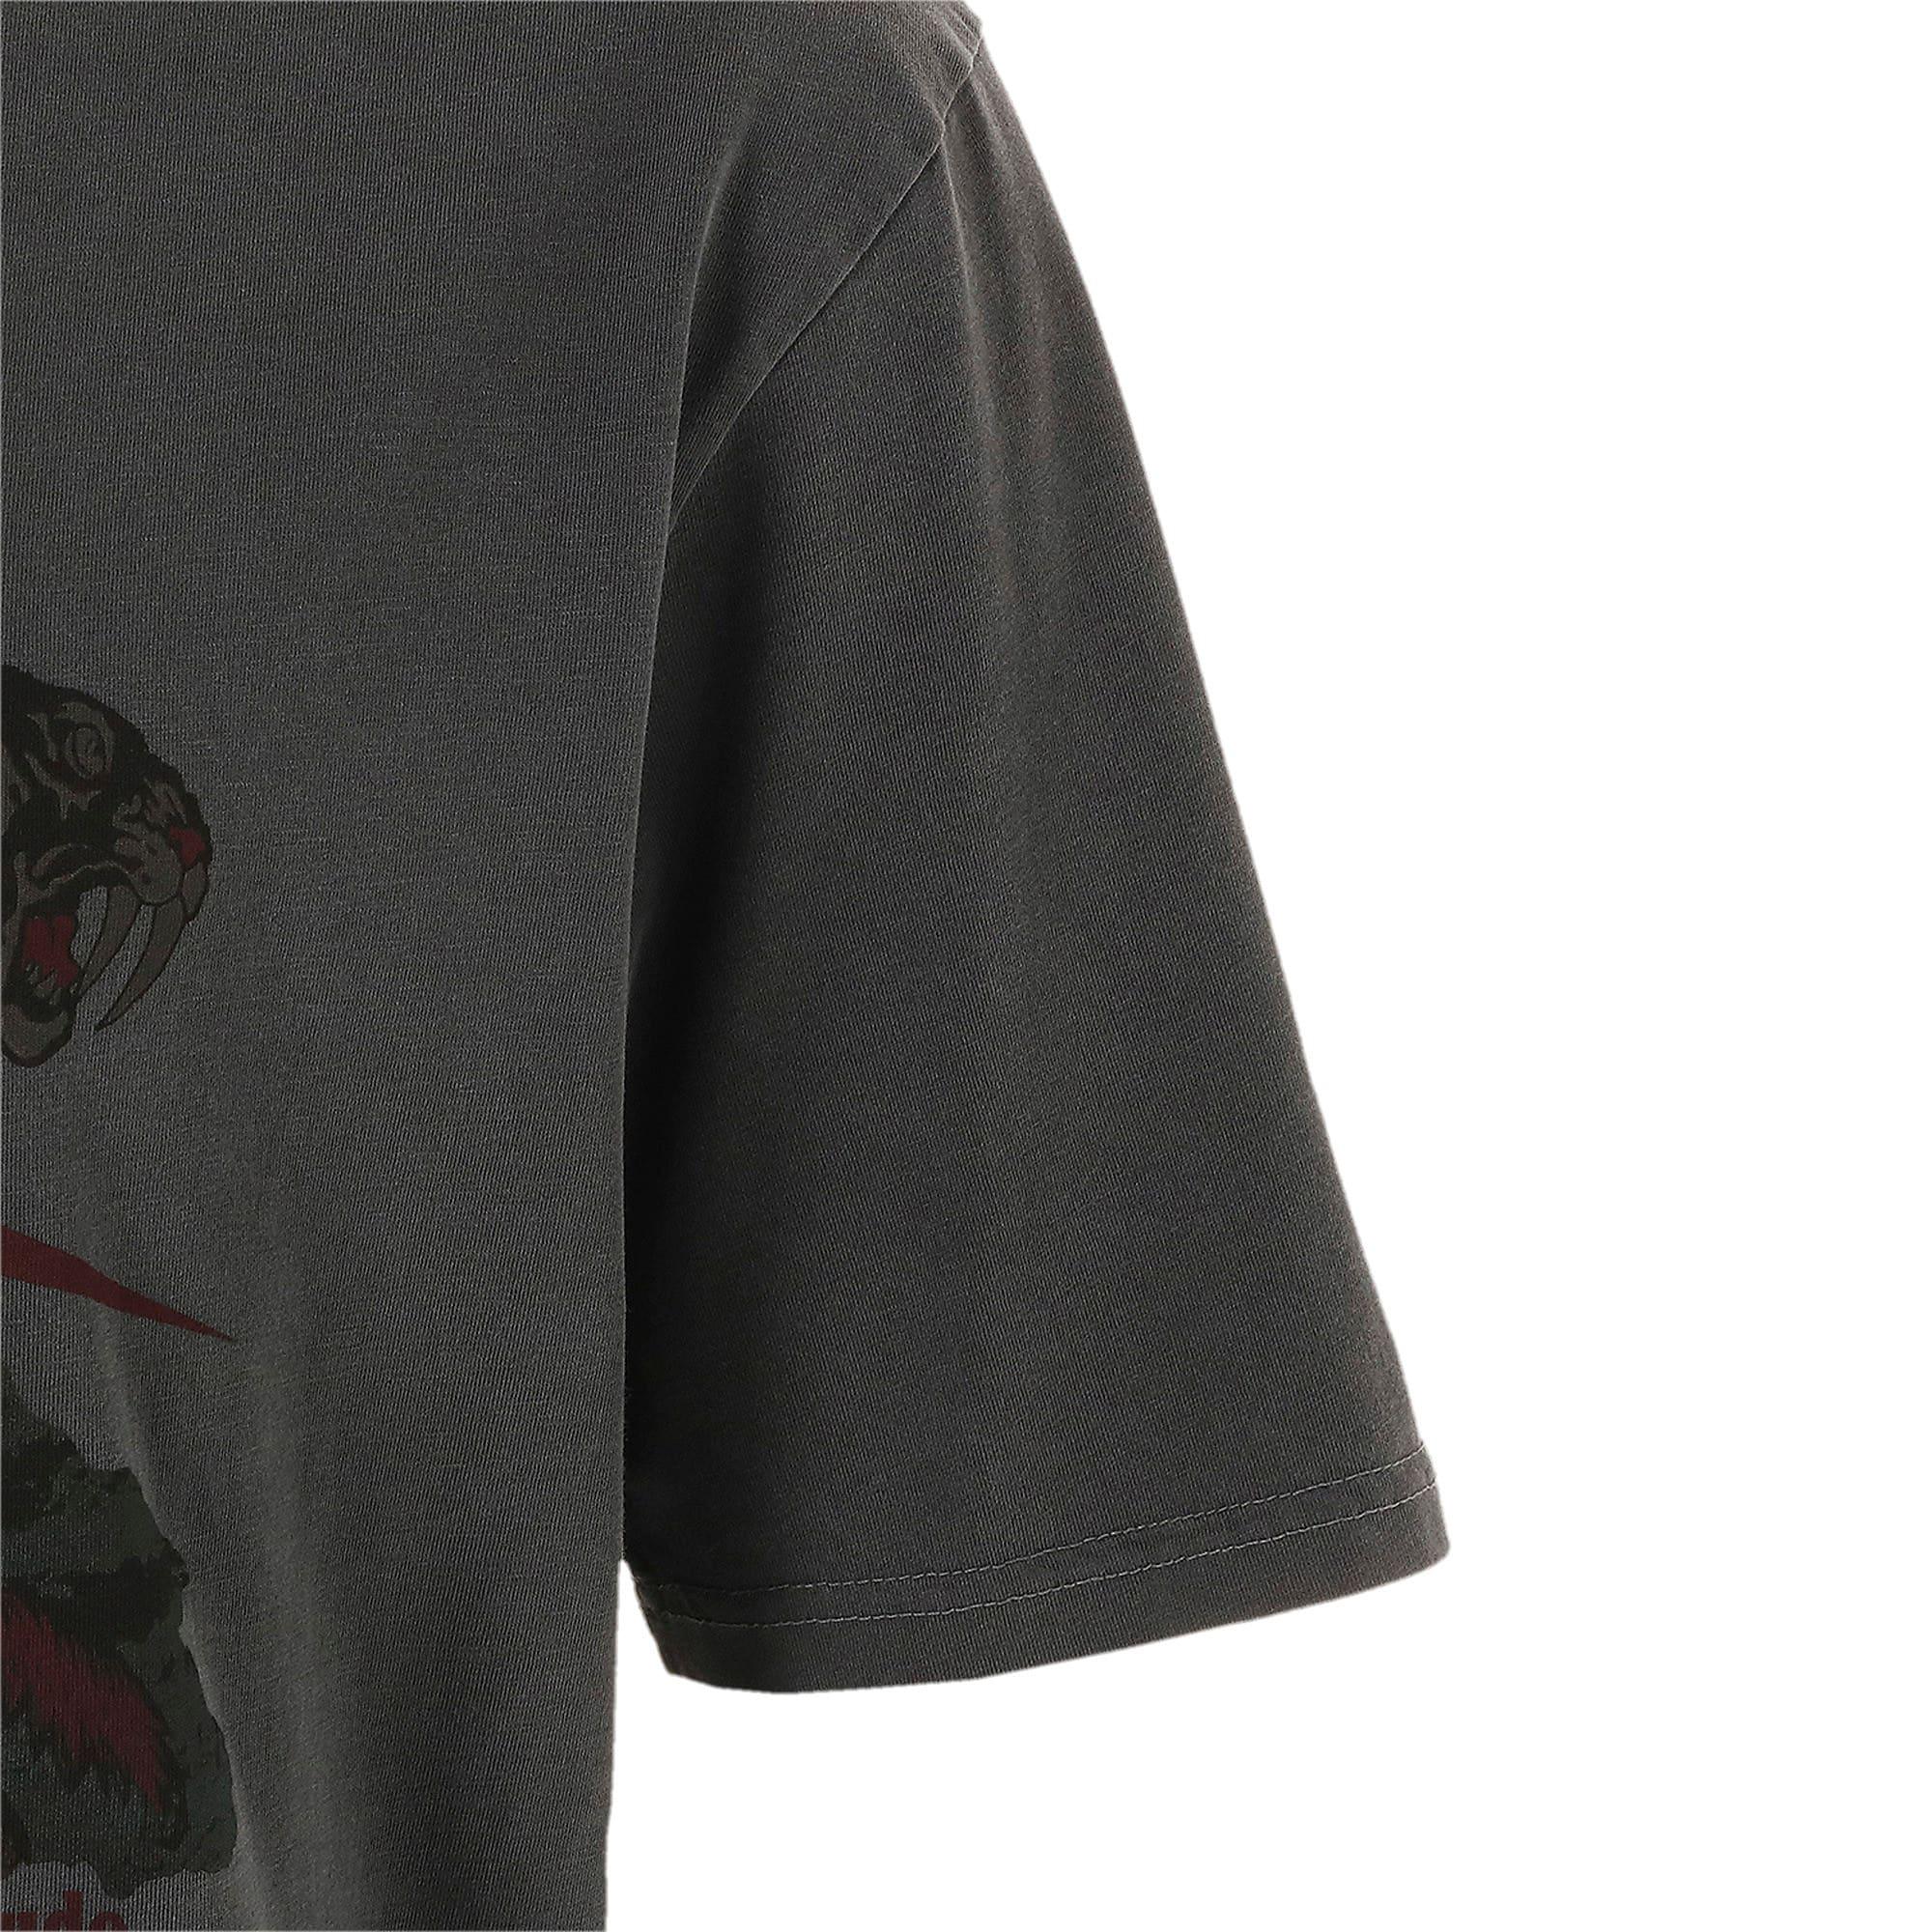 Thumbnail 5 of PUMA x RHUDE Tシャツ, Puma Black, medium-JPN